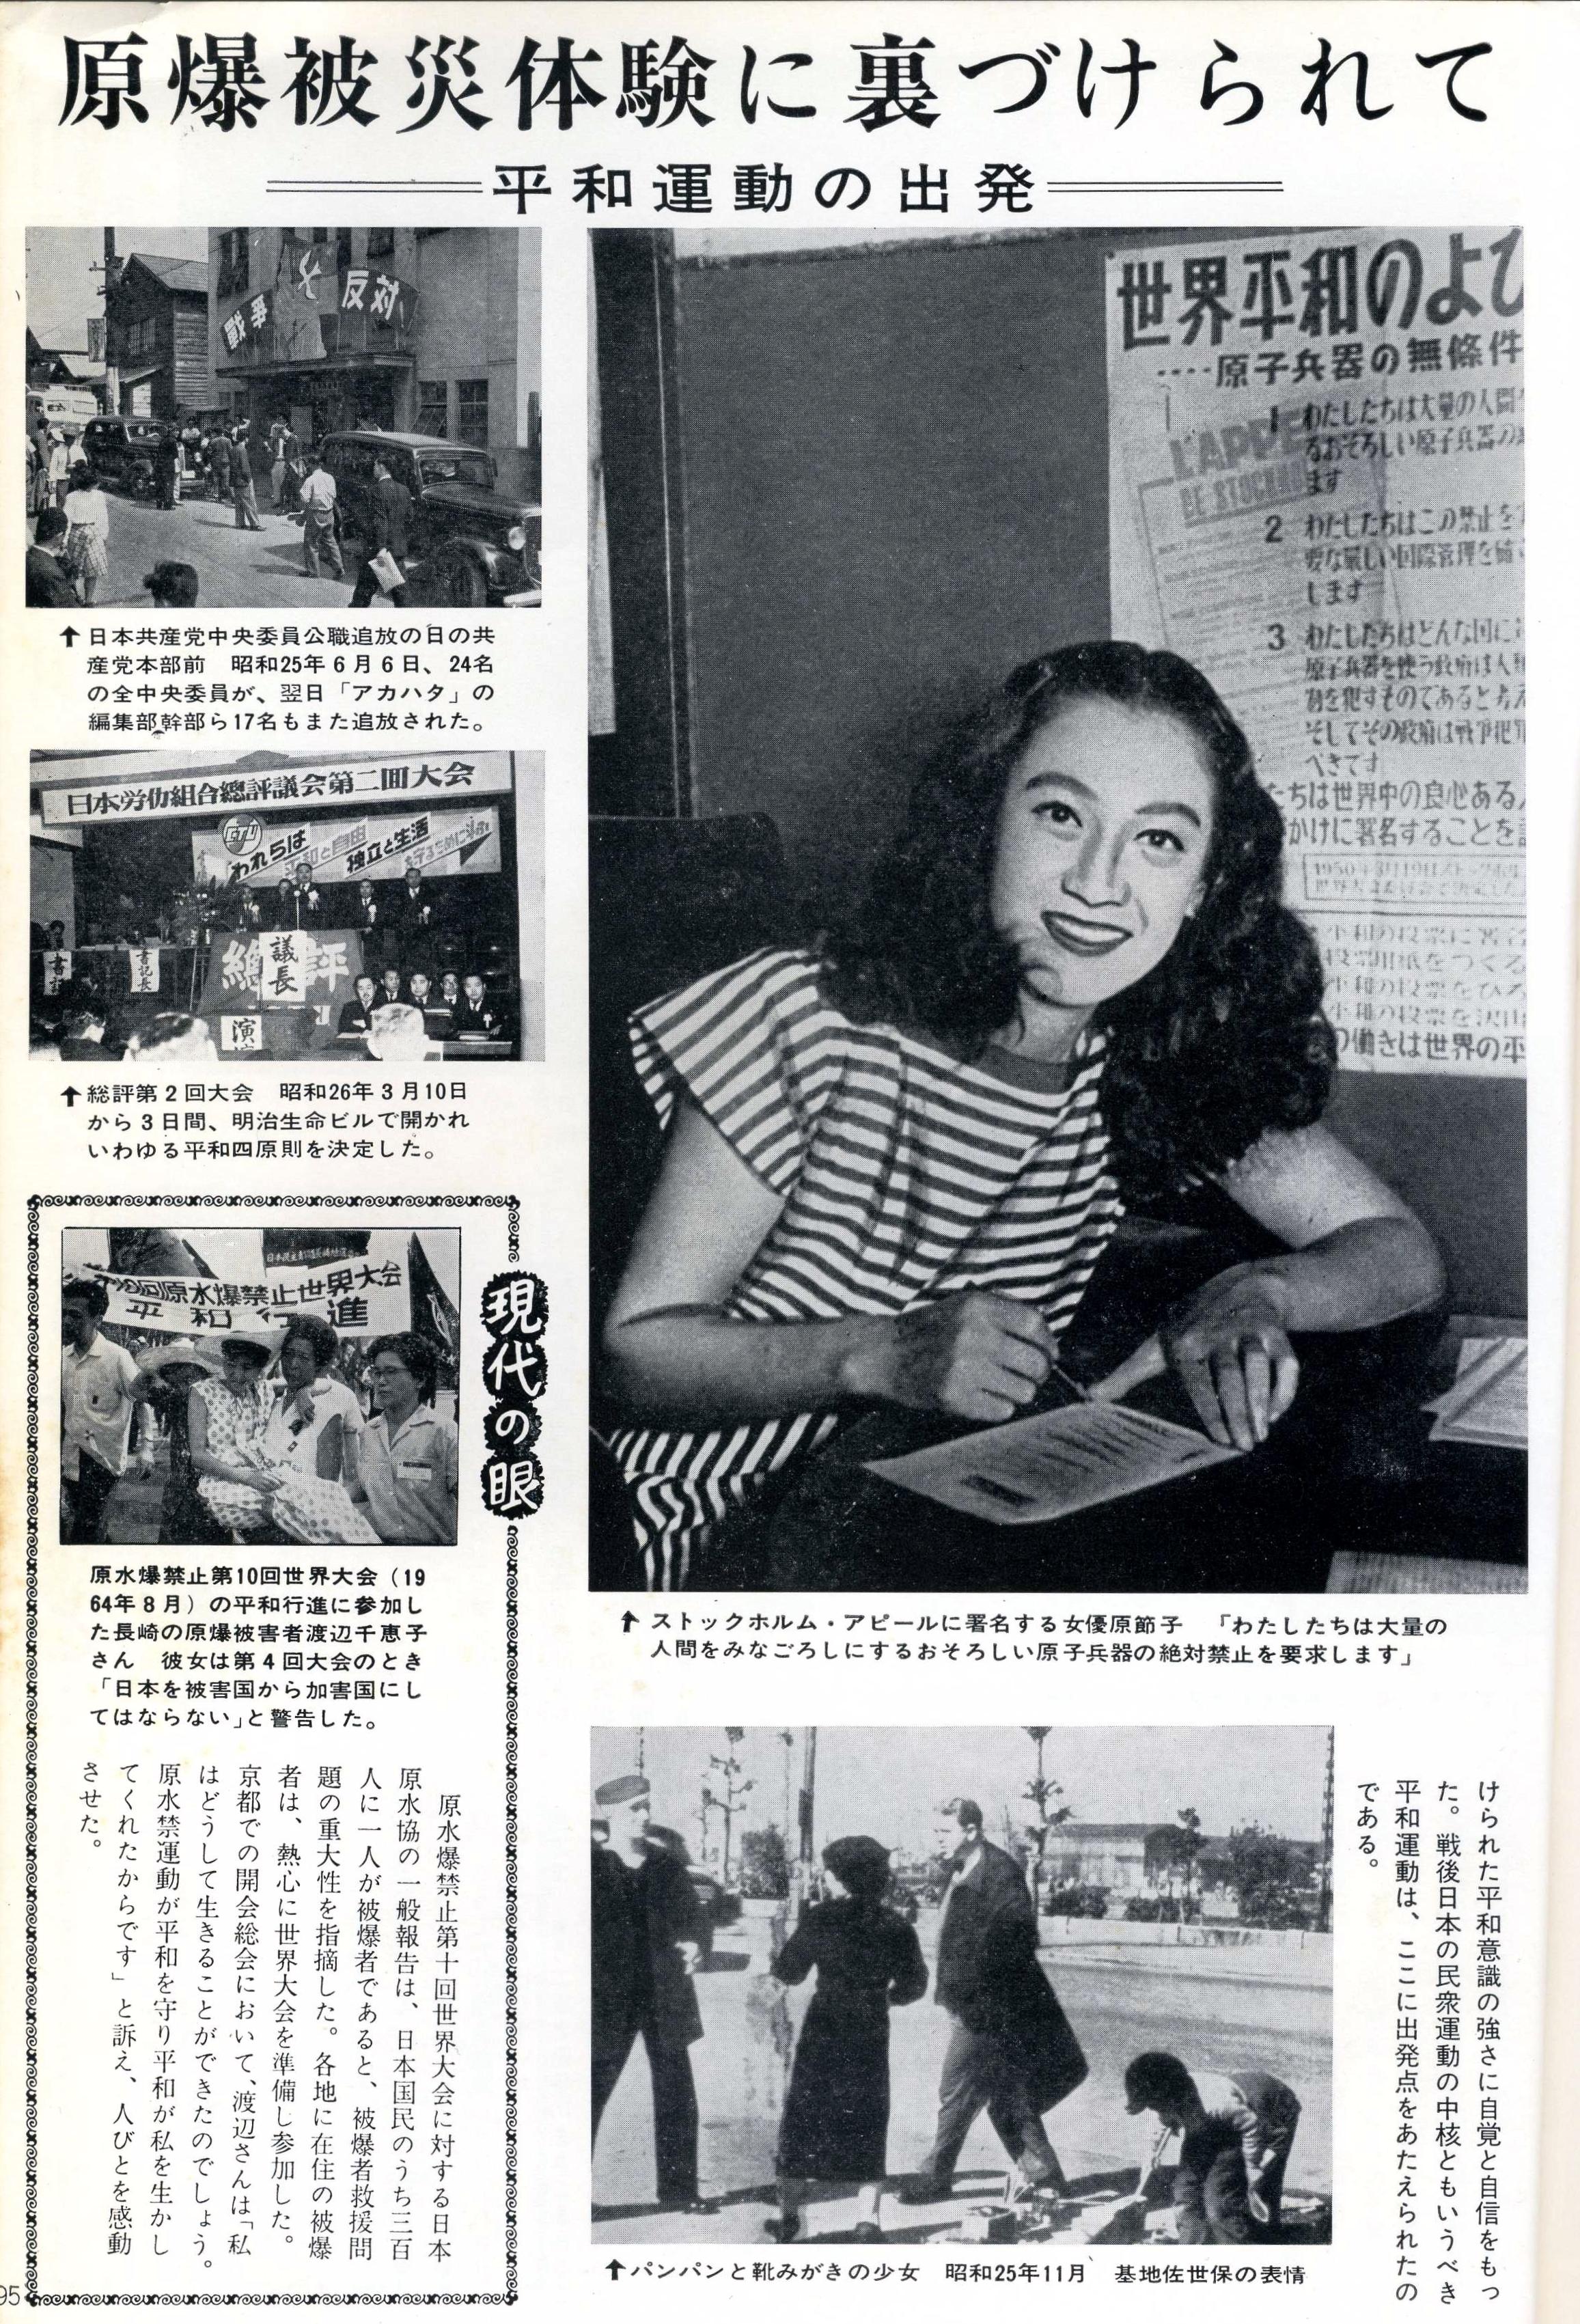 ストックホルム・アピールに署名する女優・原節子(『図説国民の歴史』20巻から)